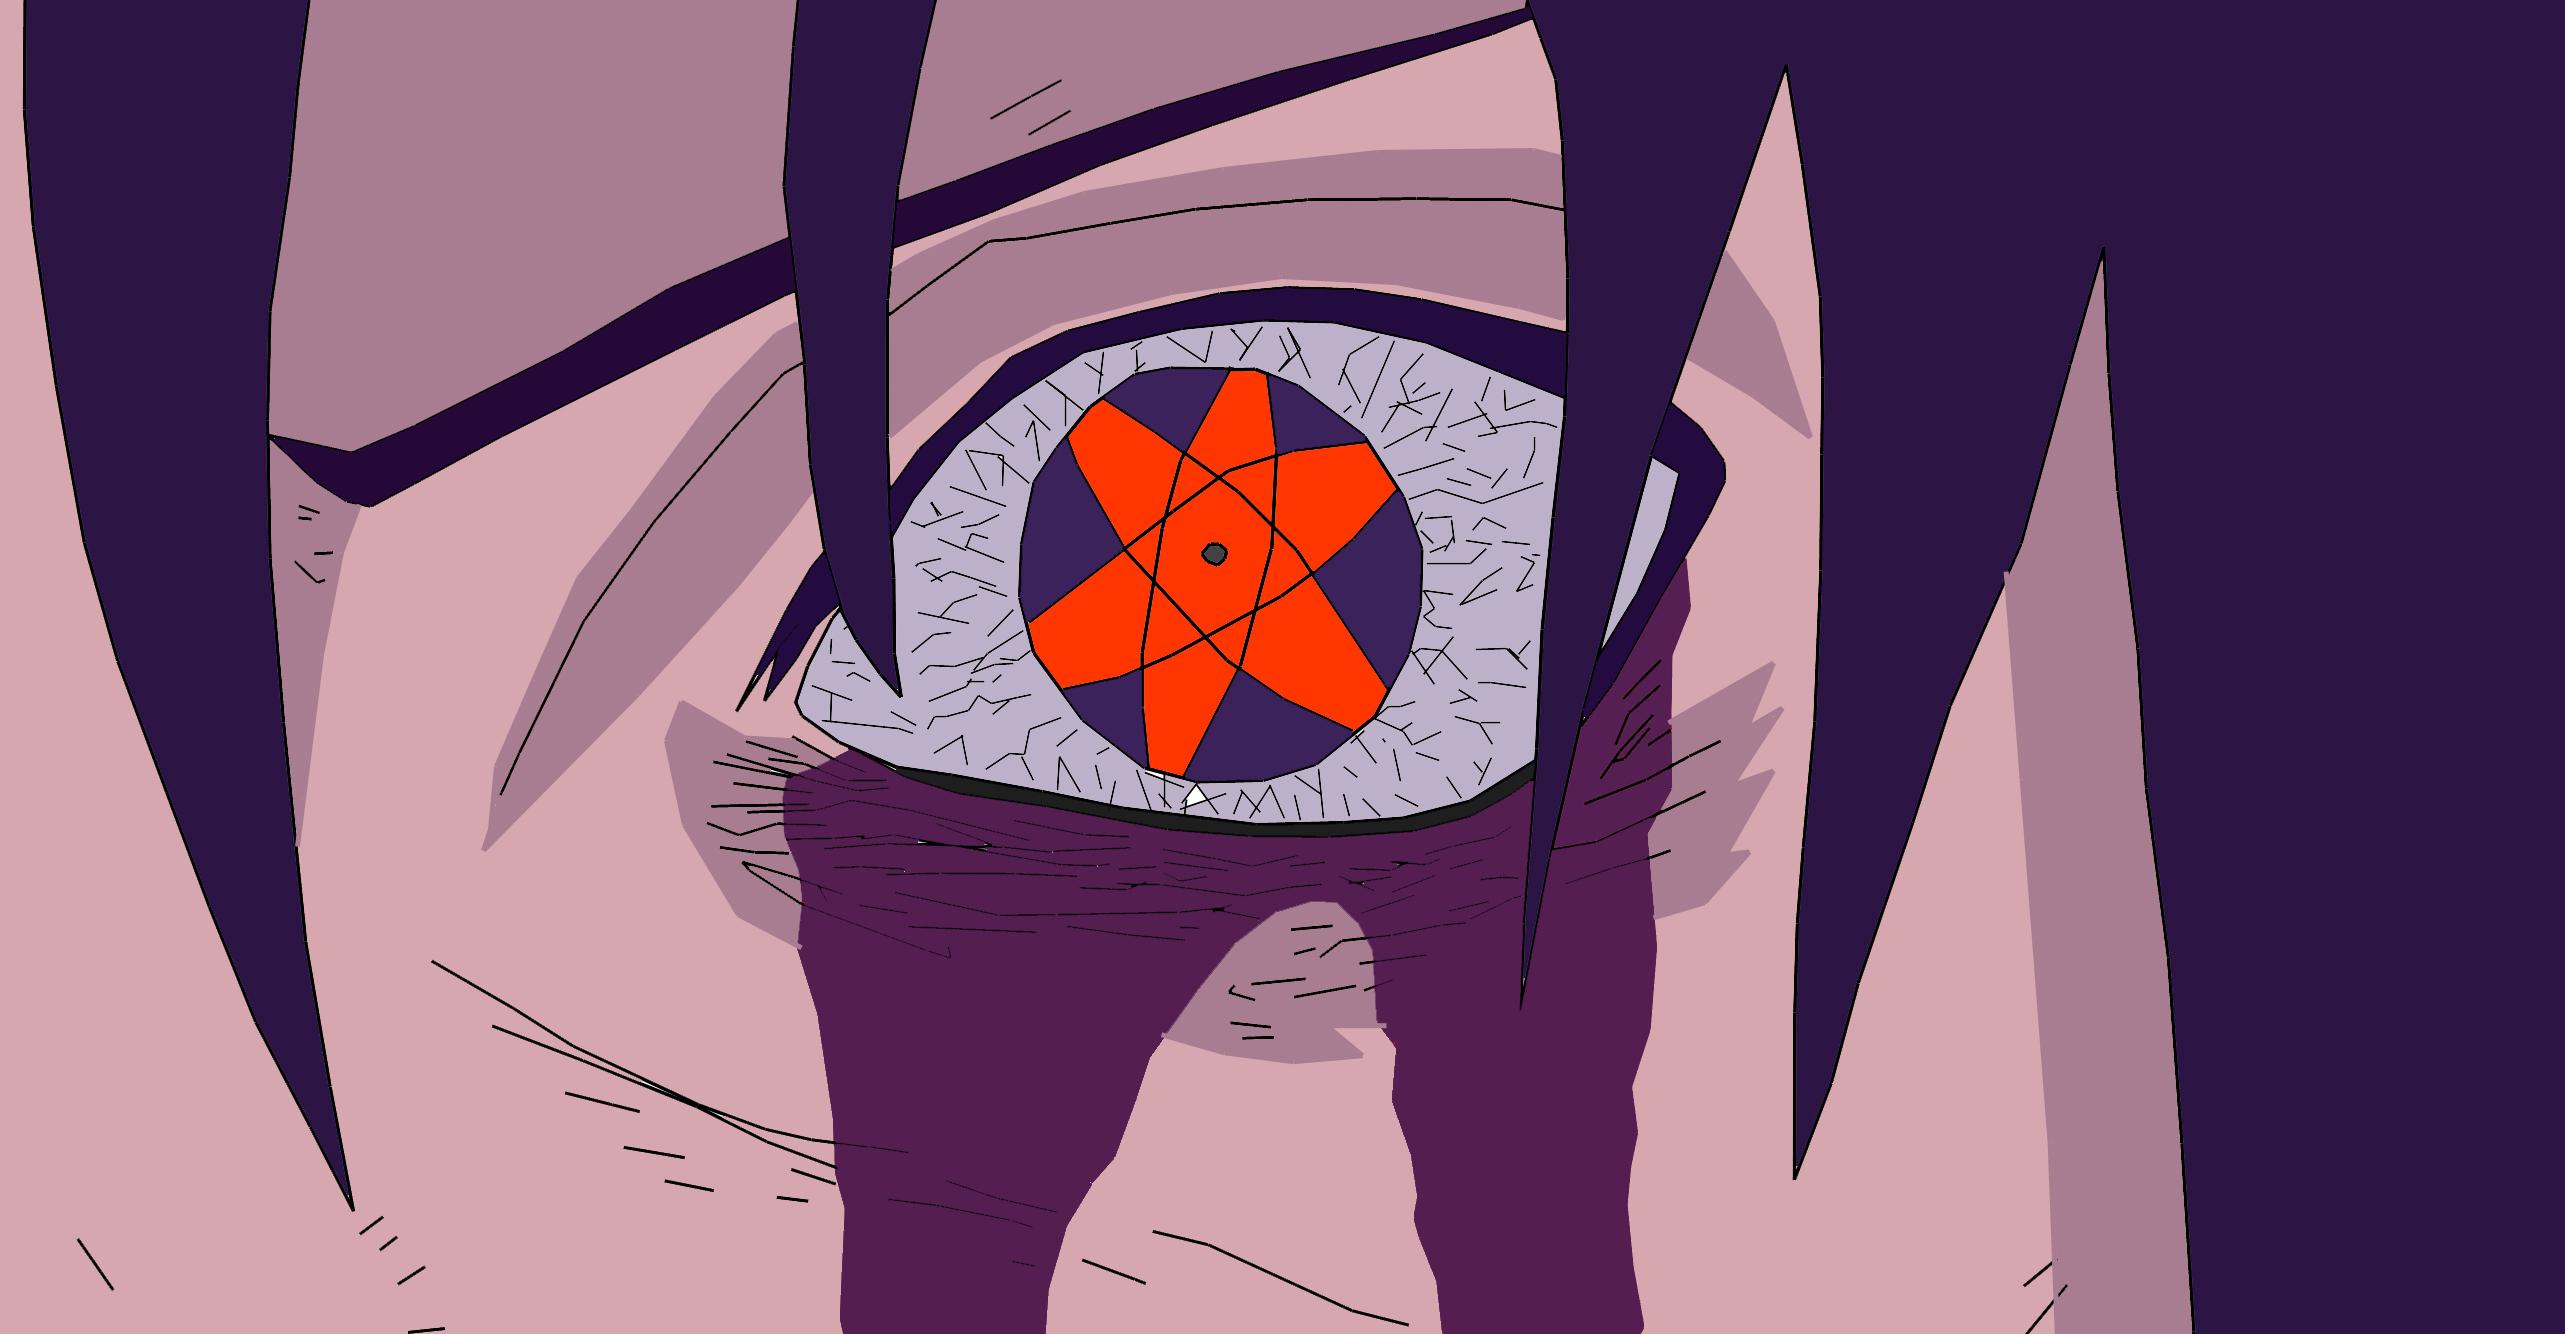 Sasuke Uchiha Mangekyou Sharingan By Nachomaan 2565x1334